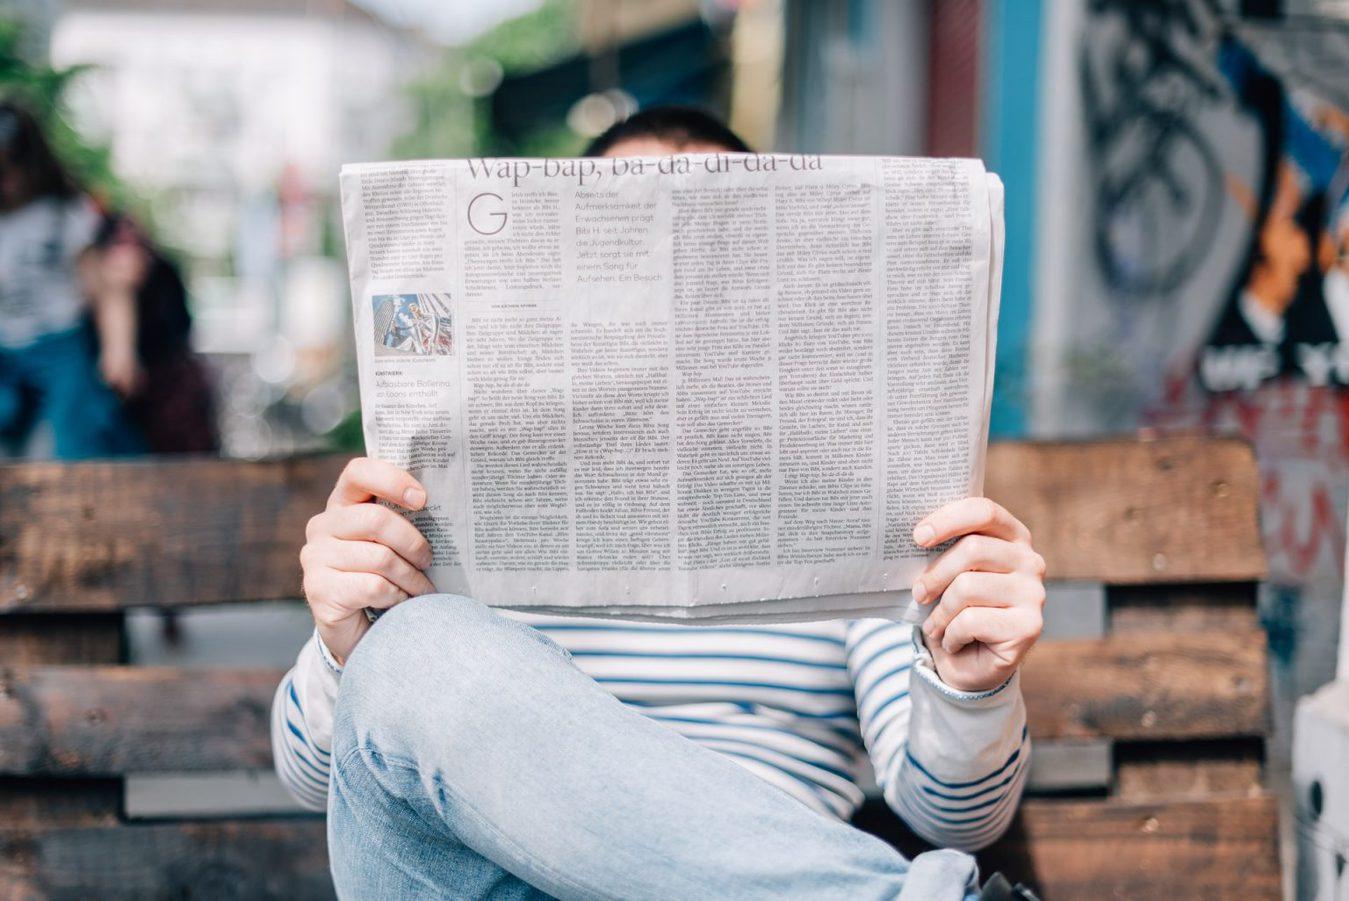 Pessoa lendo jornal ao ar livre, sentada em um banco